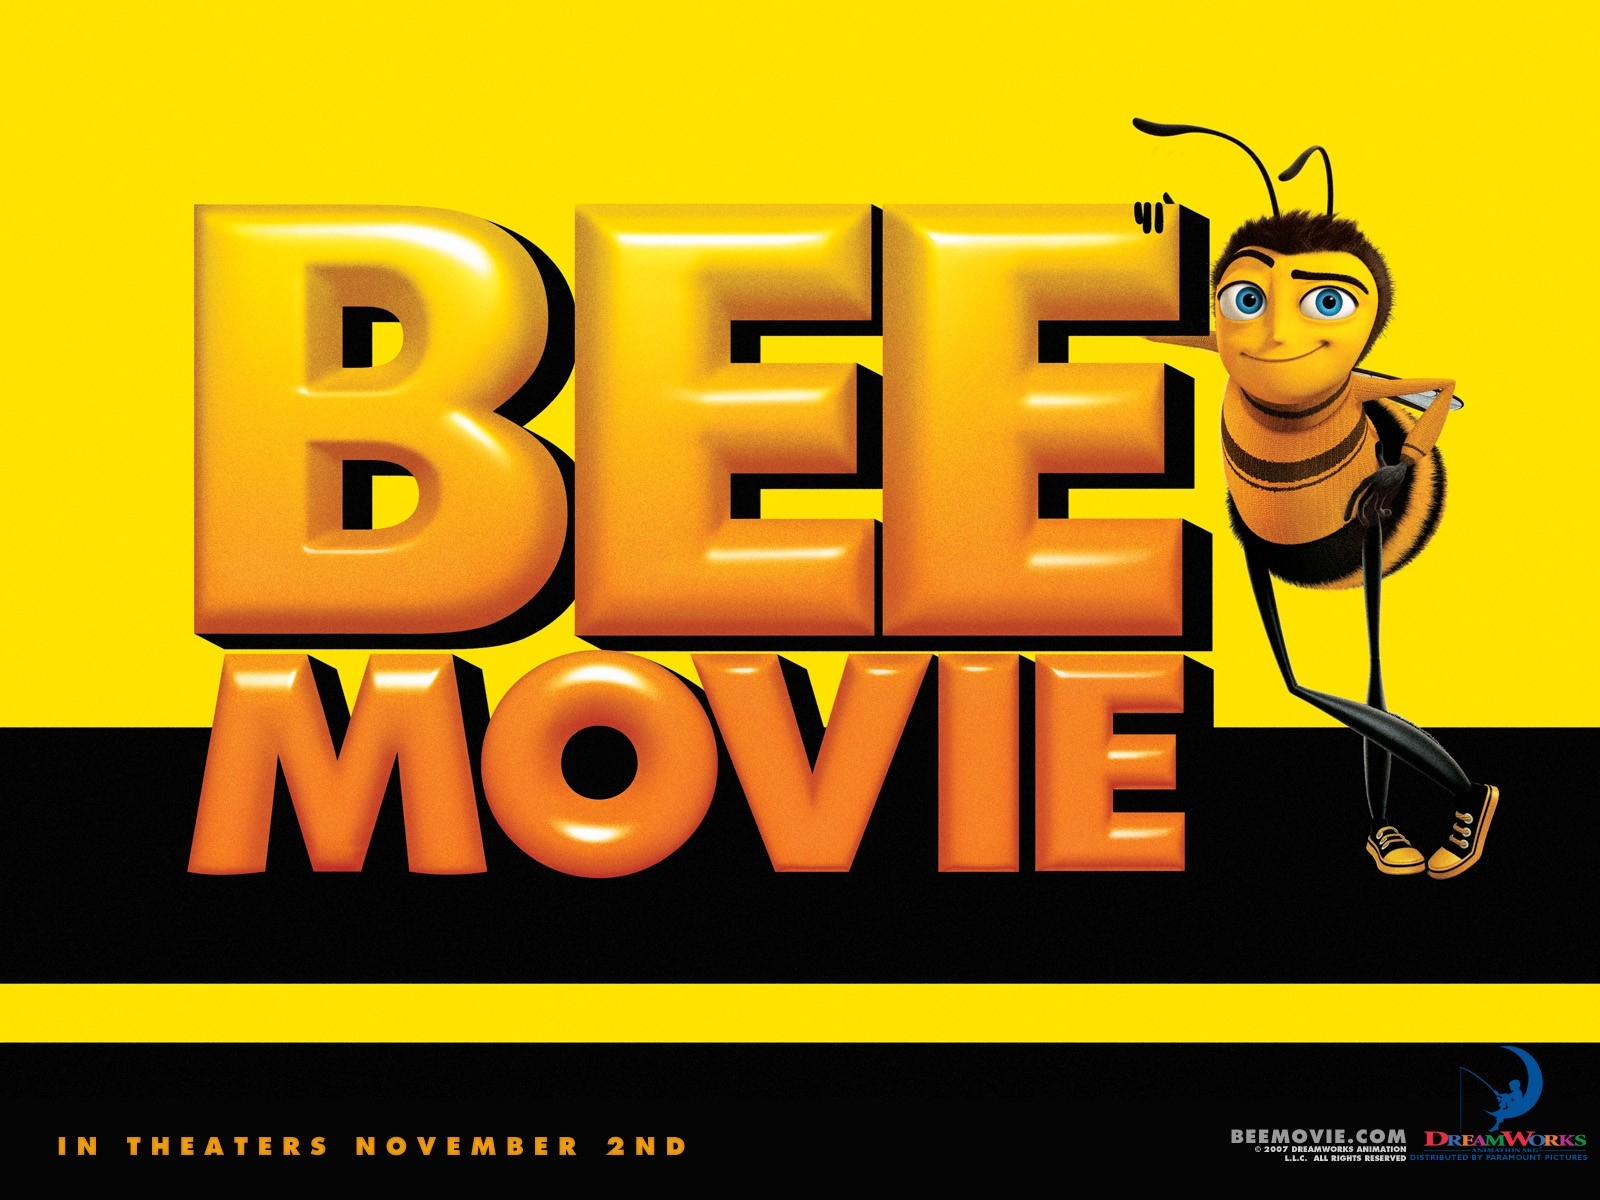 Wallpaper giallo e nero del film Bee Movie